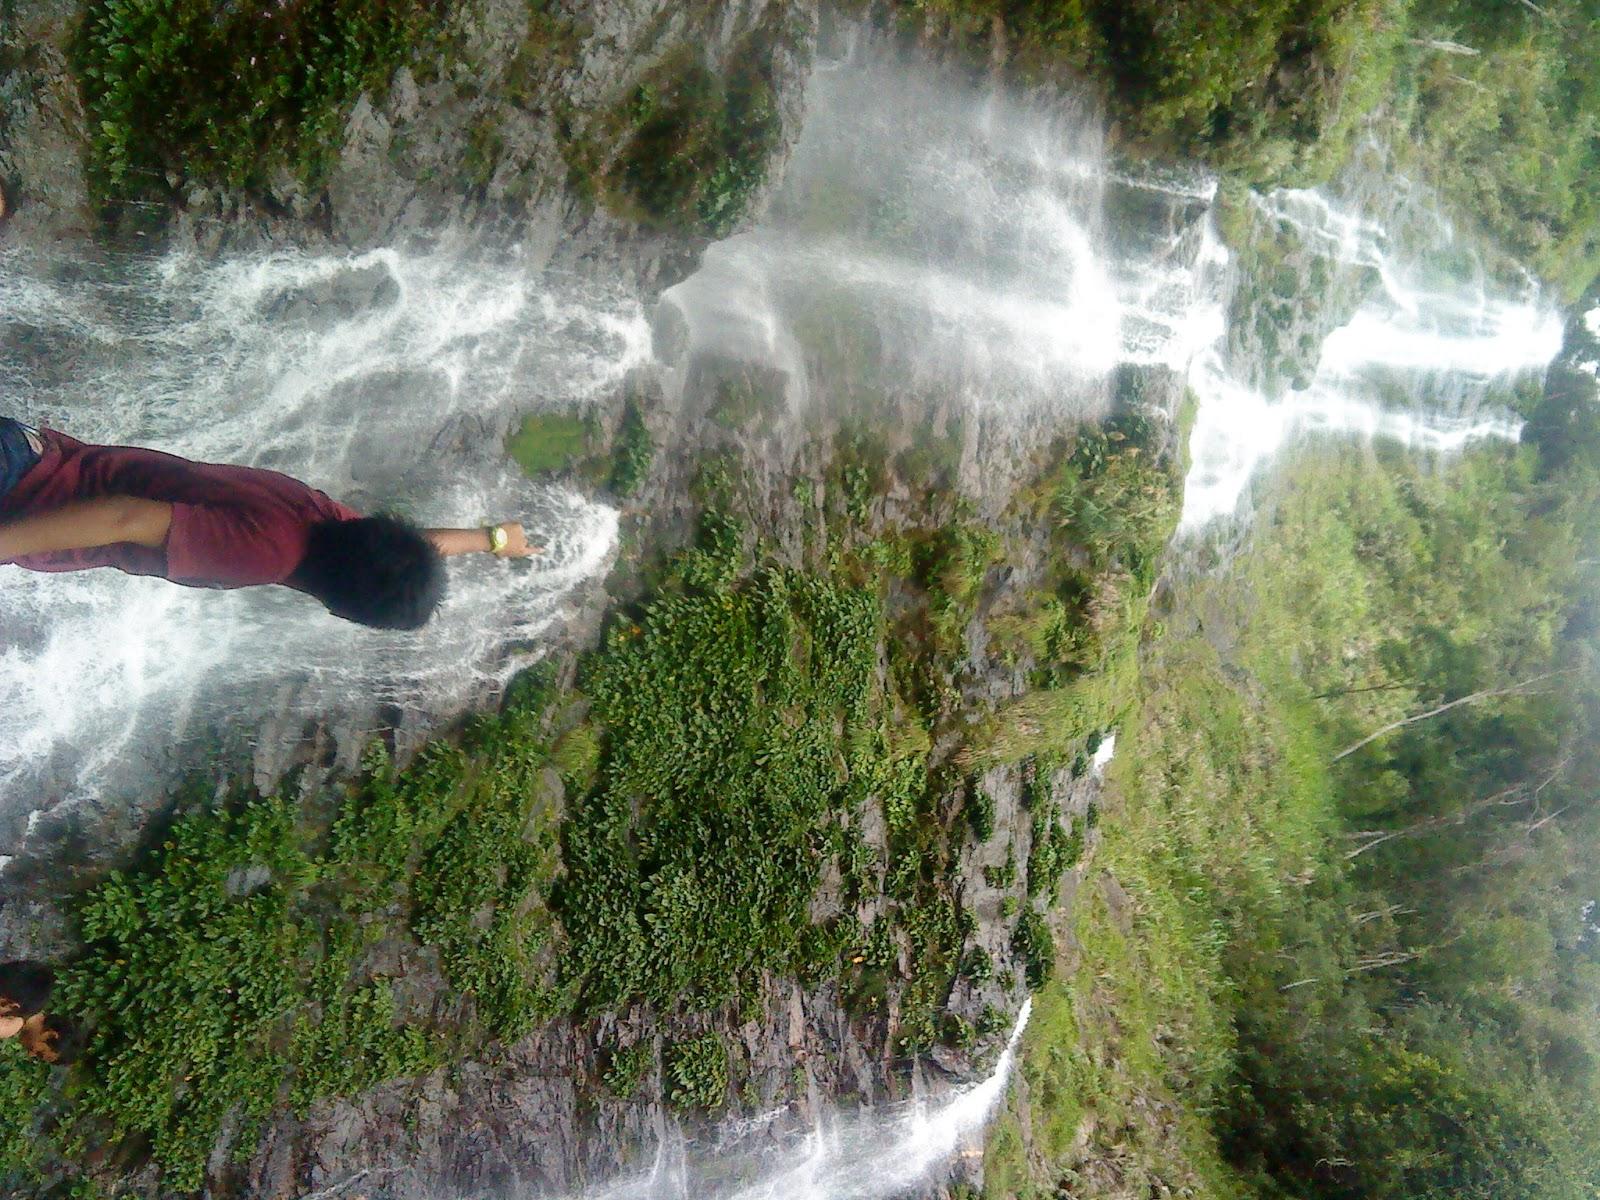 ciptaan Tuhan Saya sungguh terpegun dengan keindahan serta ketinggian air terjun ne Berbaloi dengan berjalan kaki mendaki bukit selama 1 jam lebih